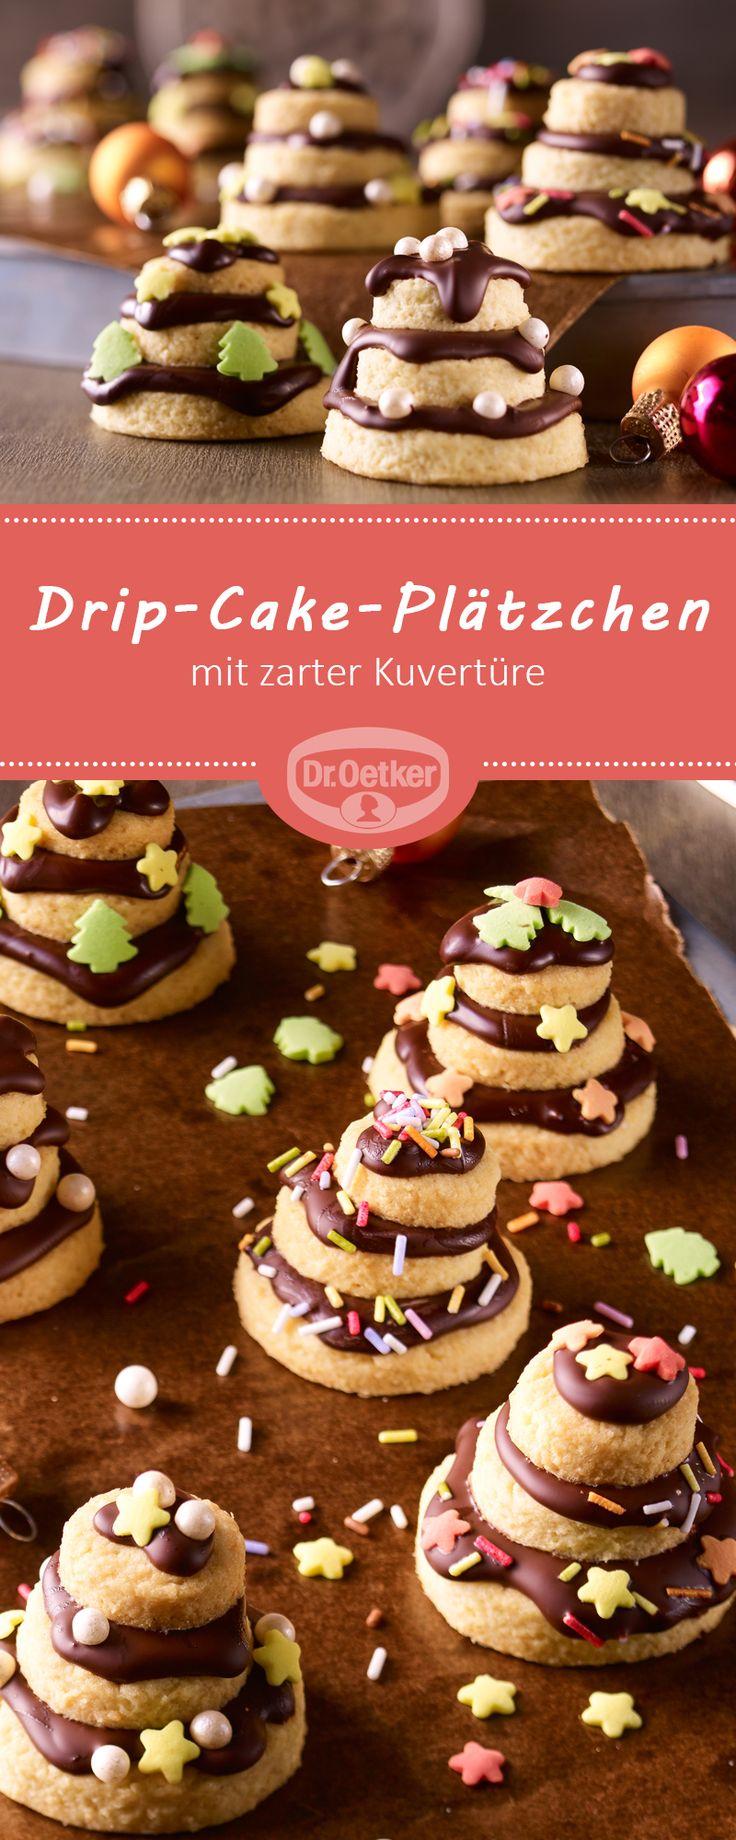 Drip-Cake-Plätzchen: Knusprige Mandelkekse mit zarter Kuvertüre